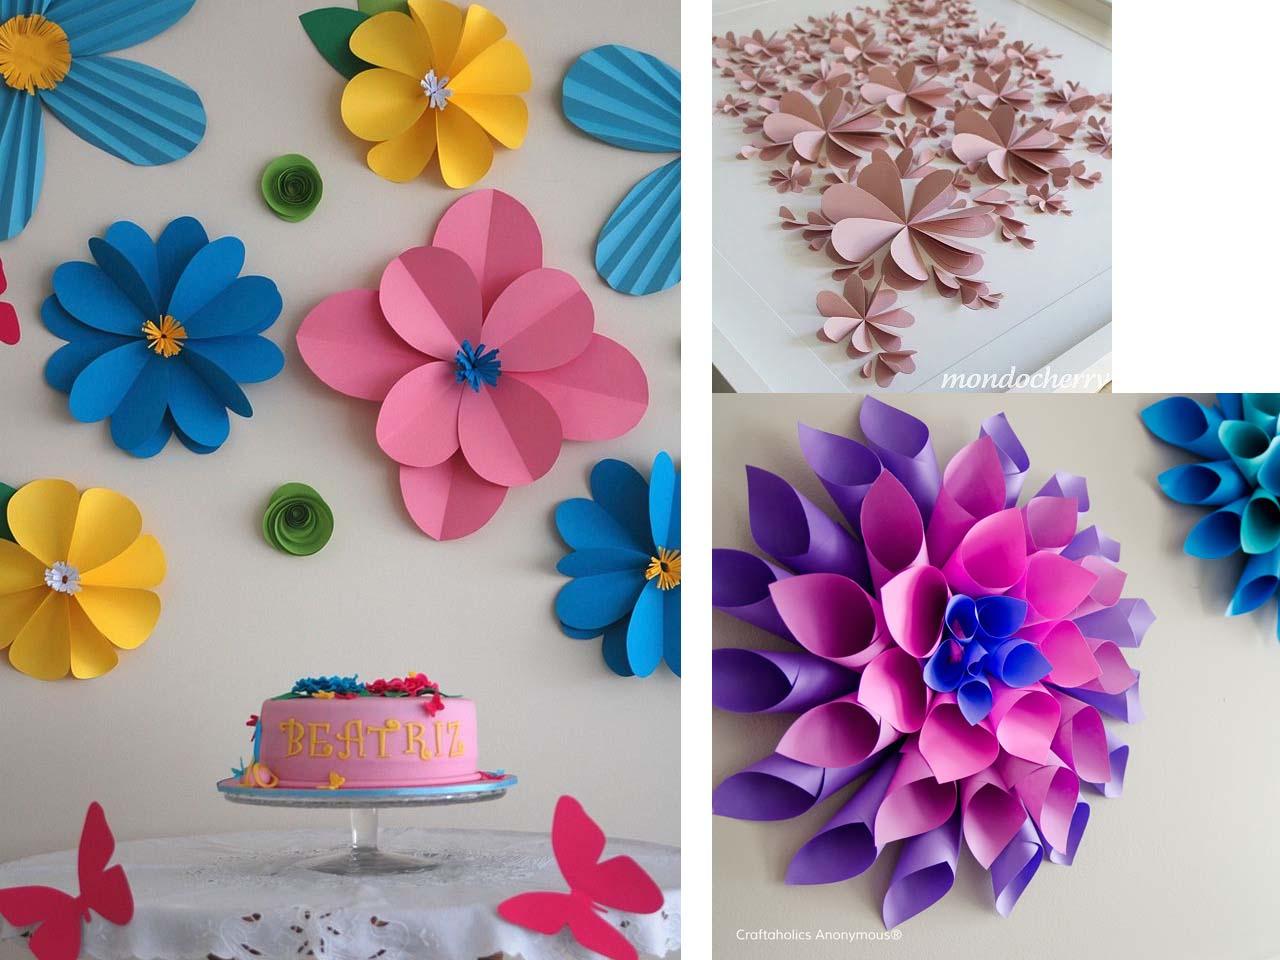 8 trucos de decoraci n con flores para respirar naturaleza - Papel para decorar ...